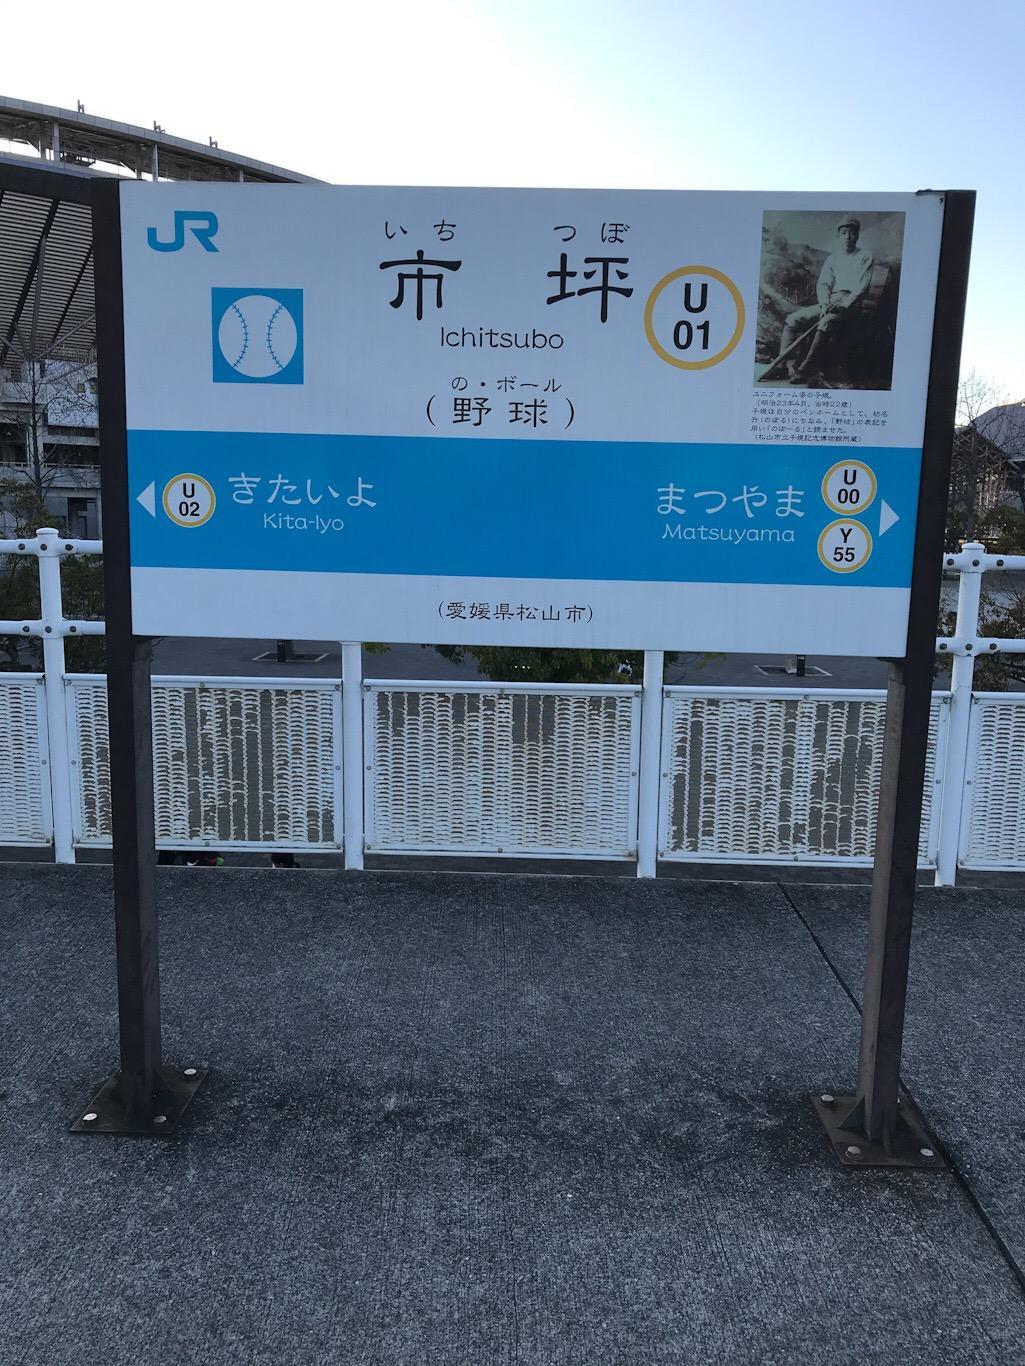 JR市坪駅の駅名標